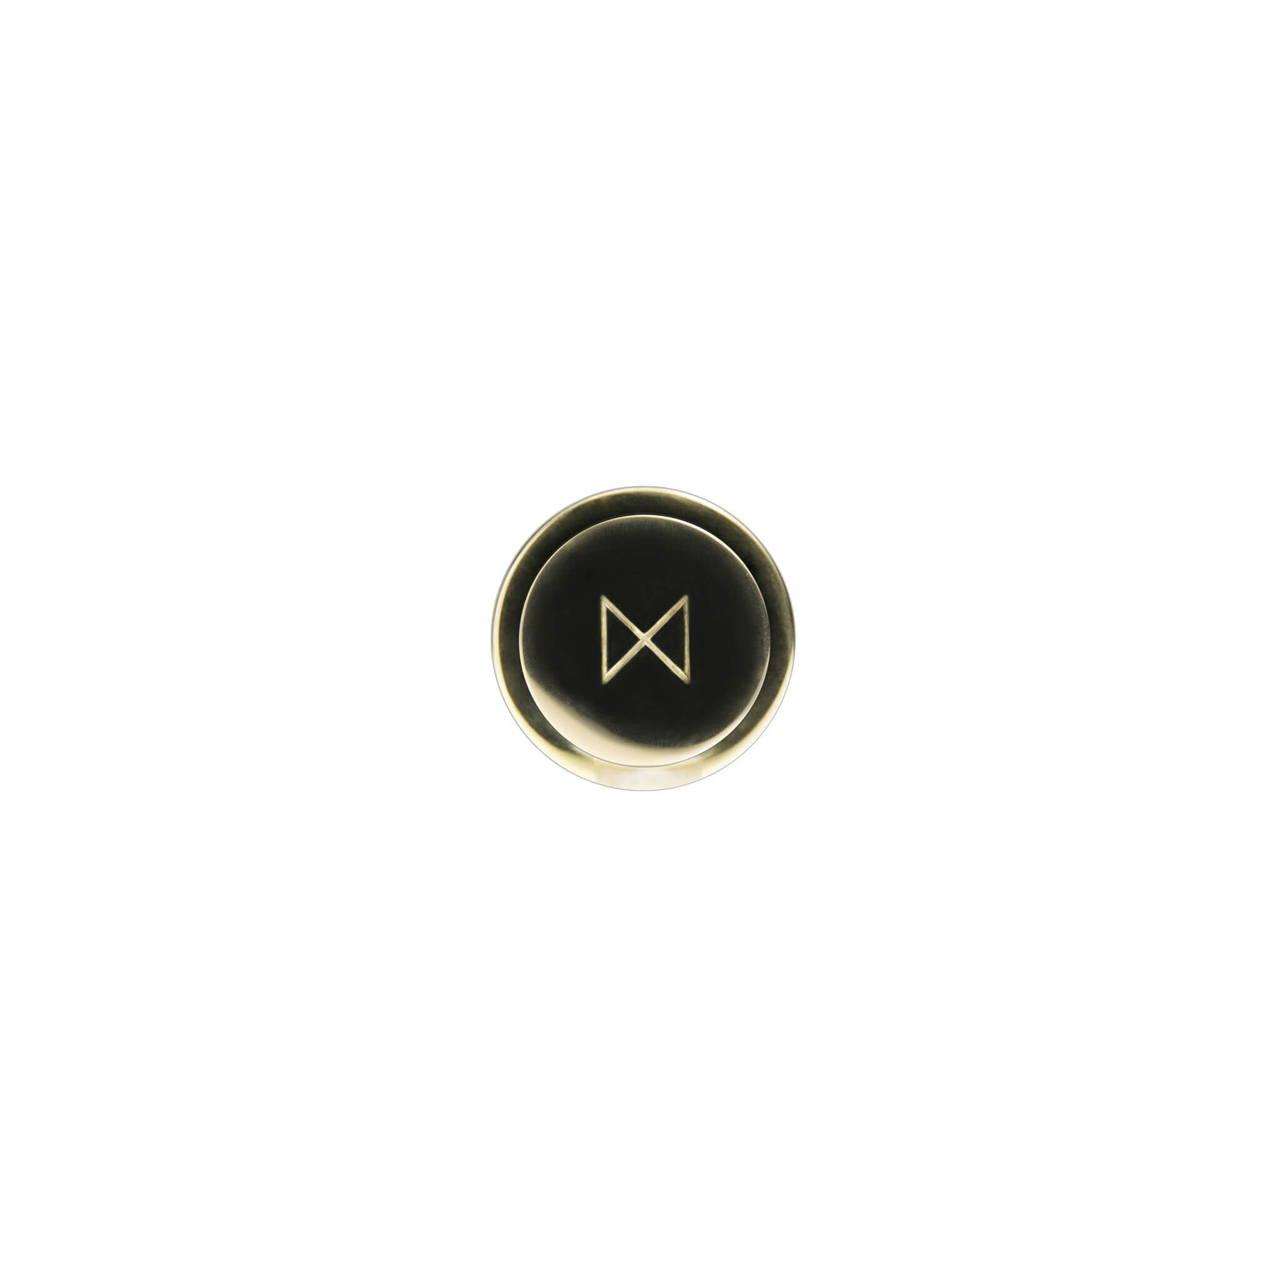 Brass Cufflink bottom face with monogram